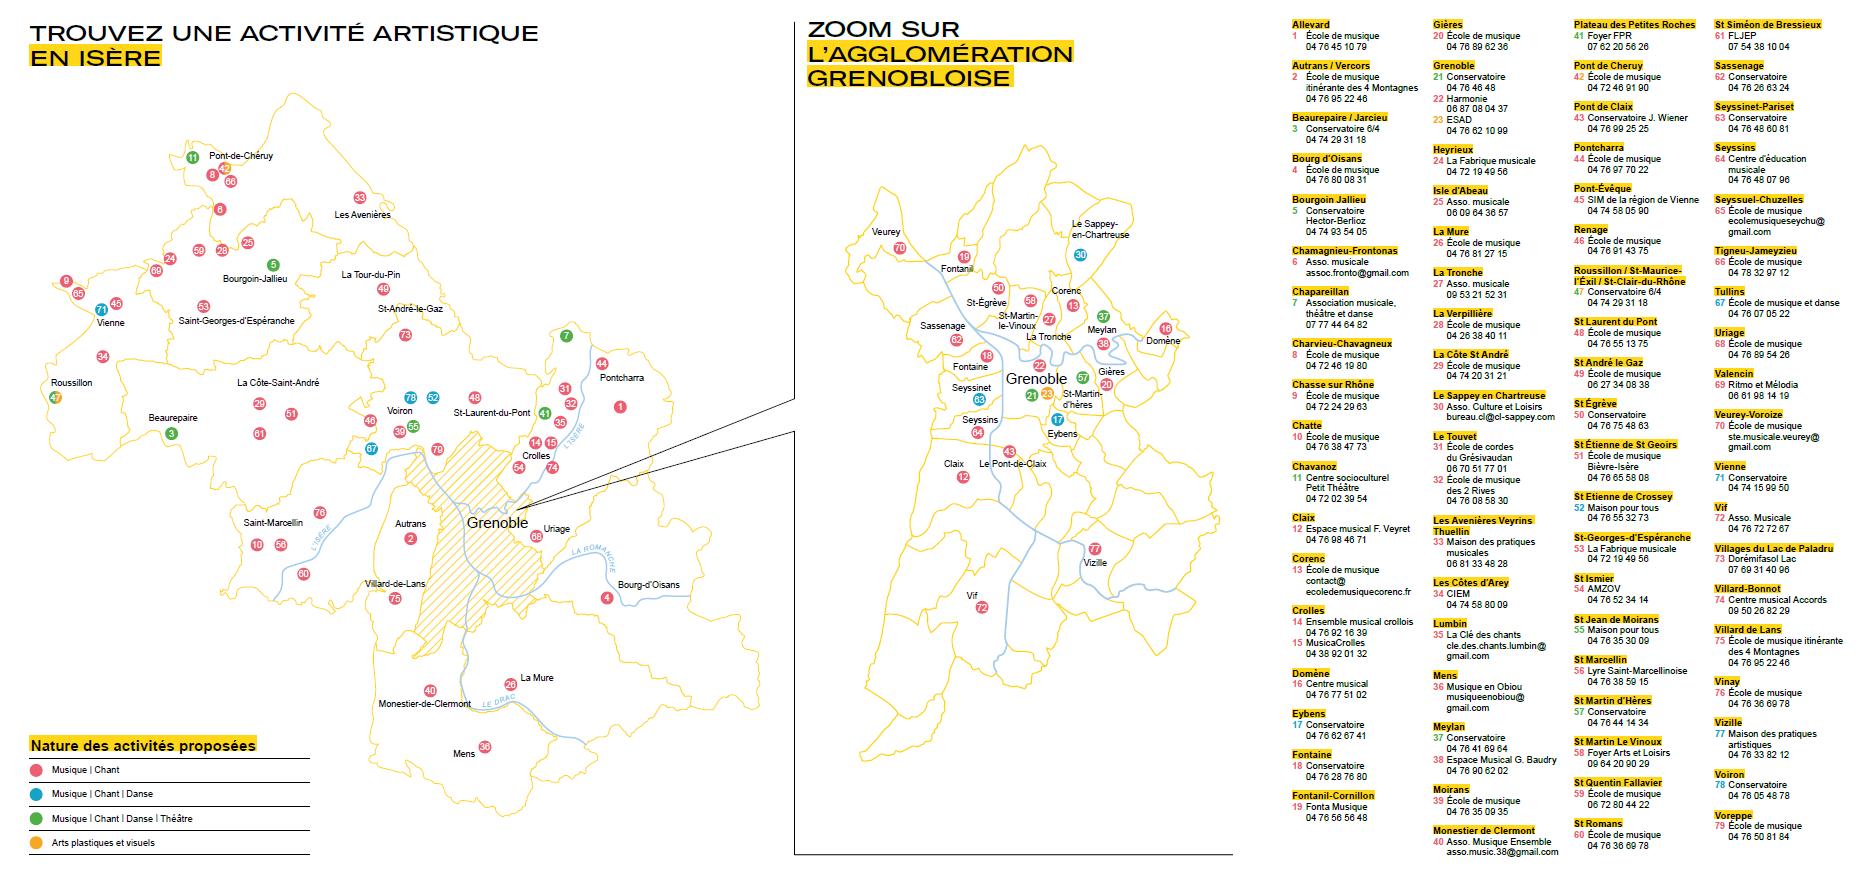 Cartographie et liste des établissements d'enseignement artistique en Isère